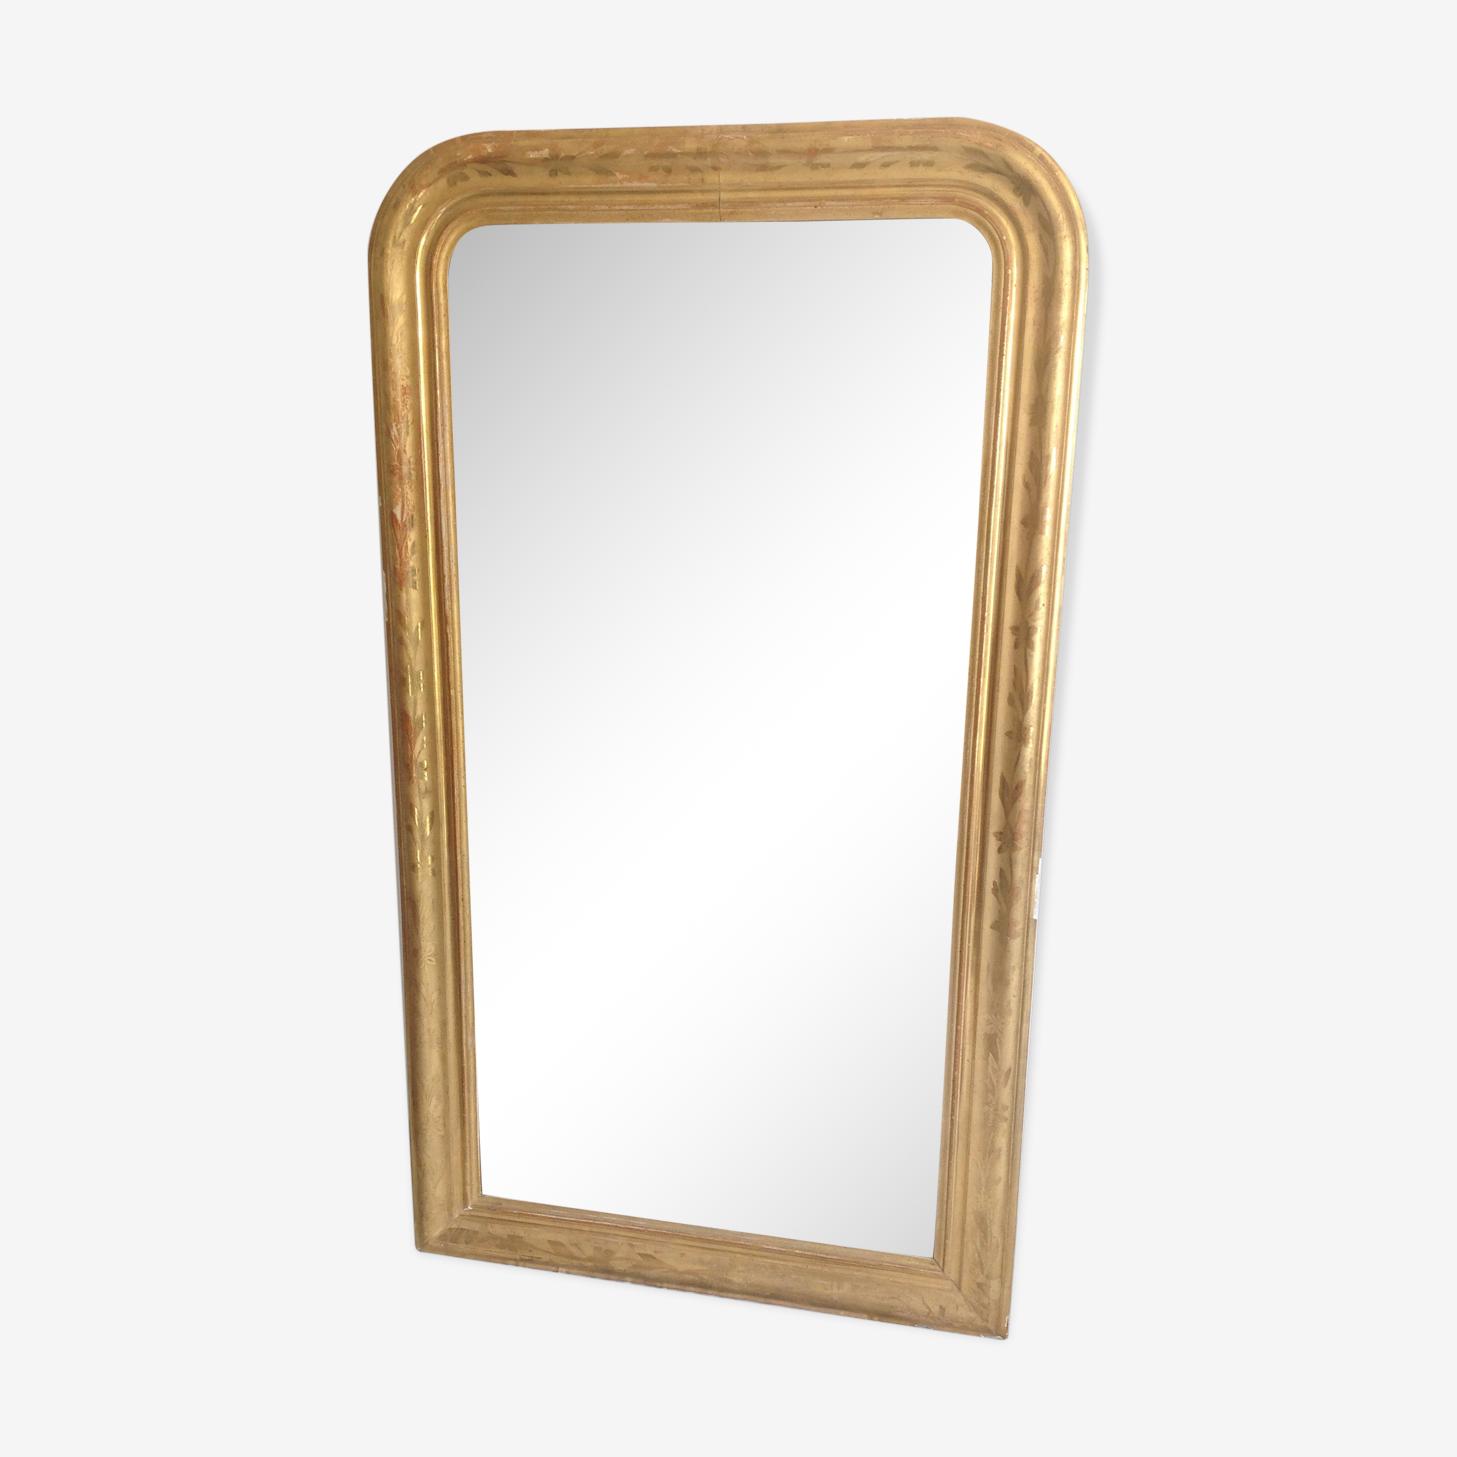 Miroir Louis Philippe doré 158x90cm